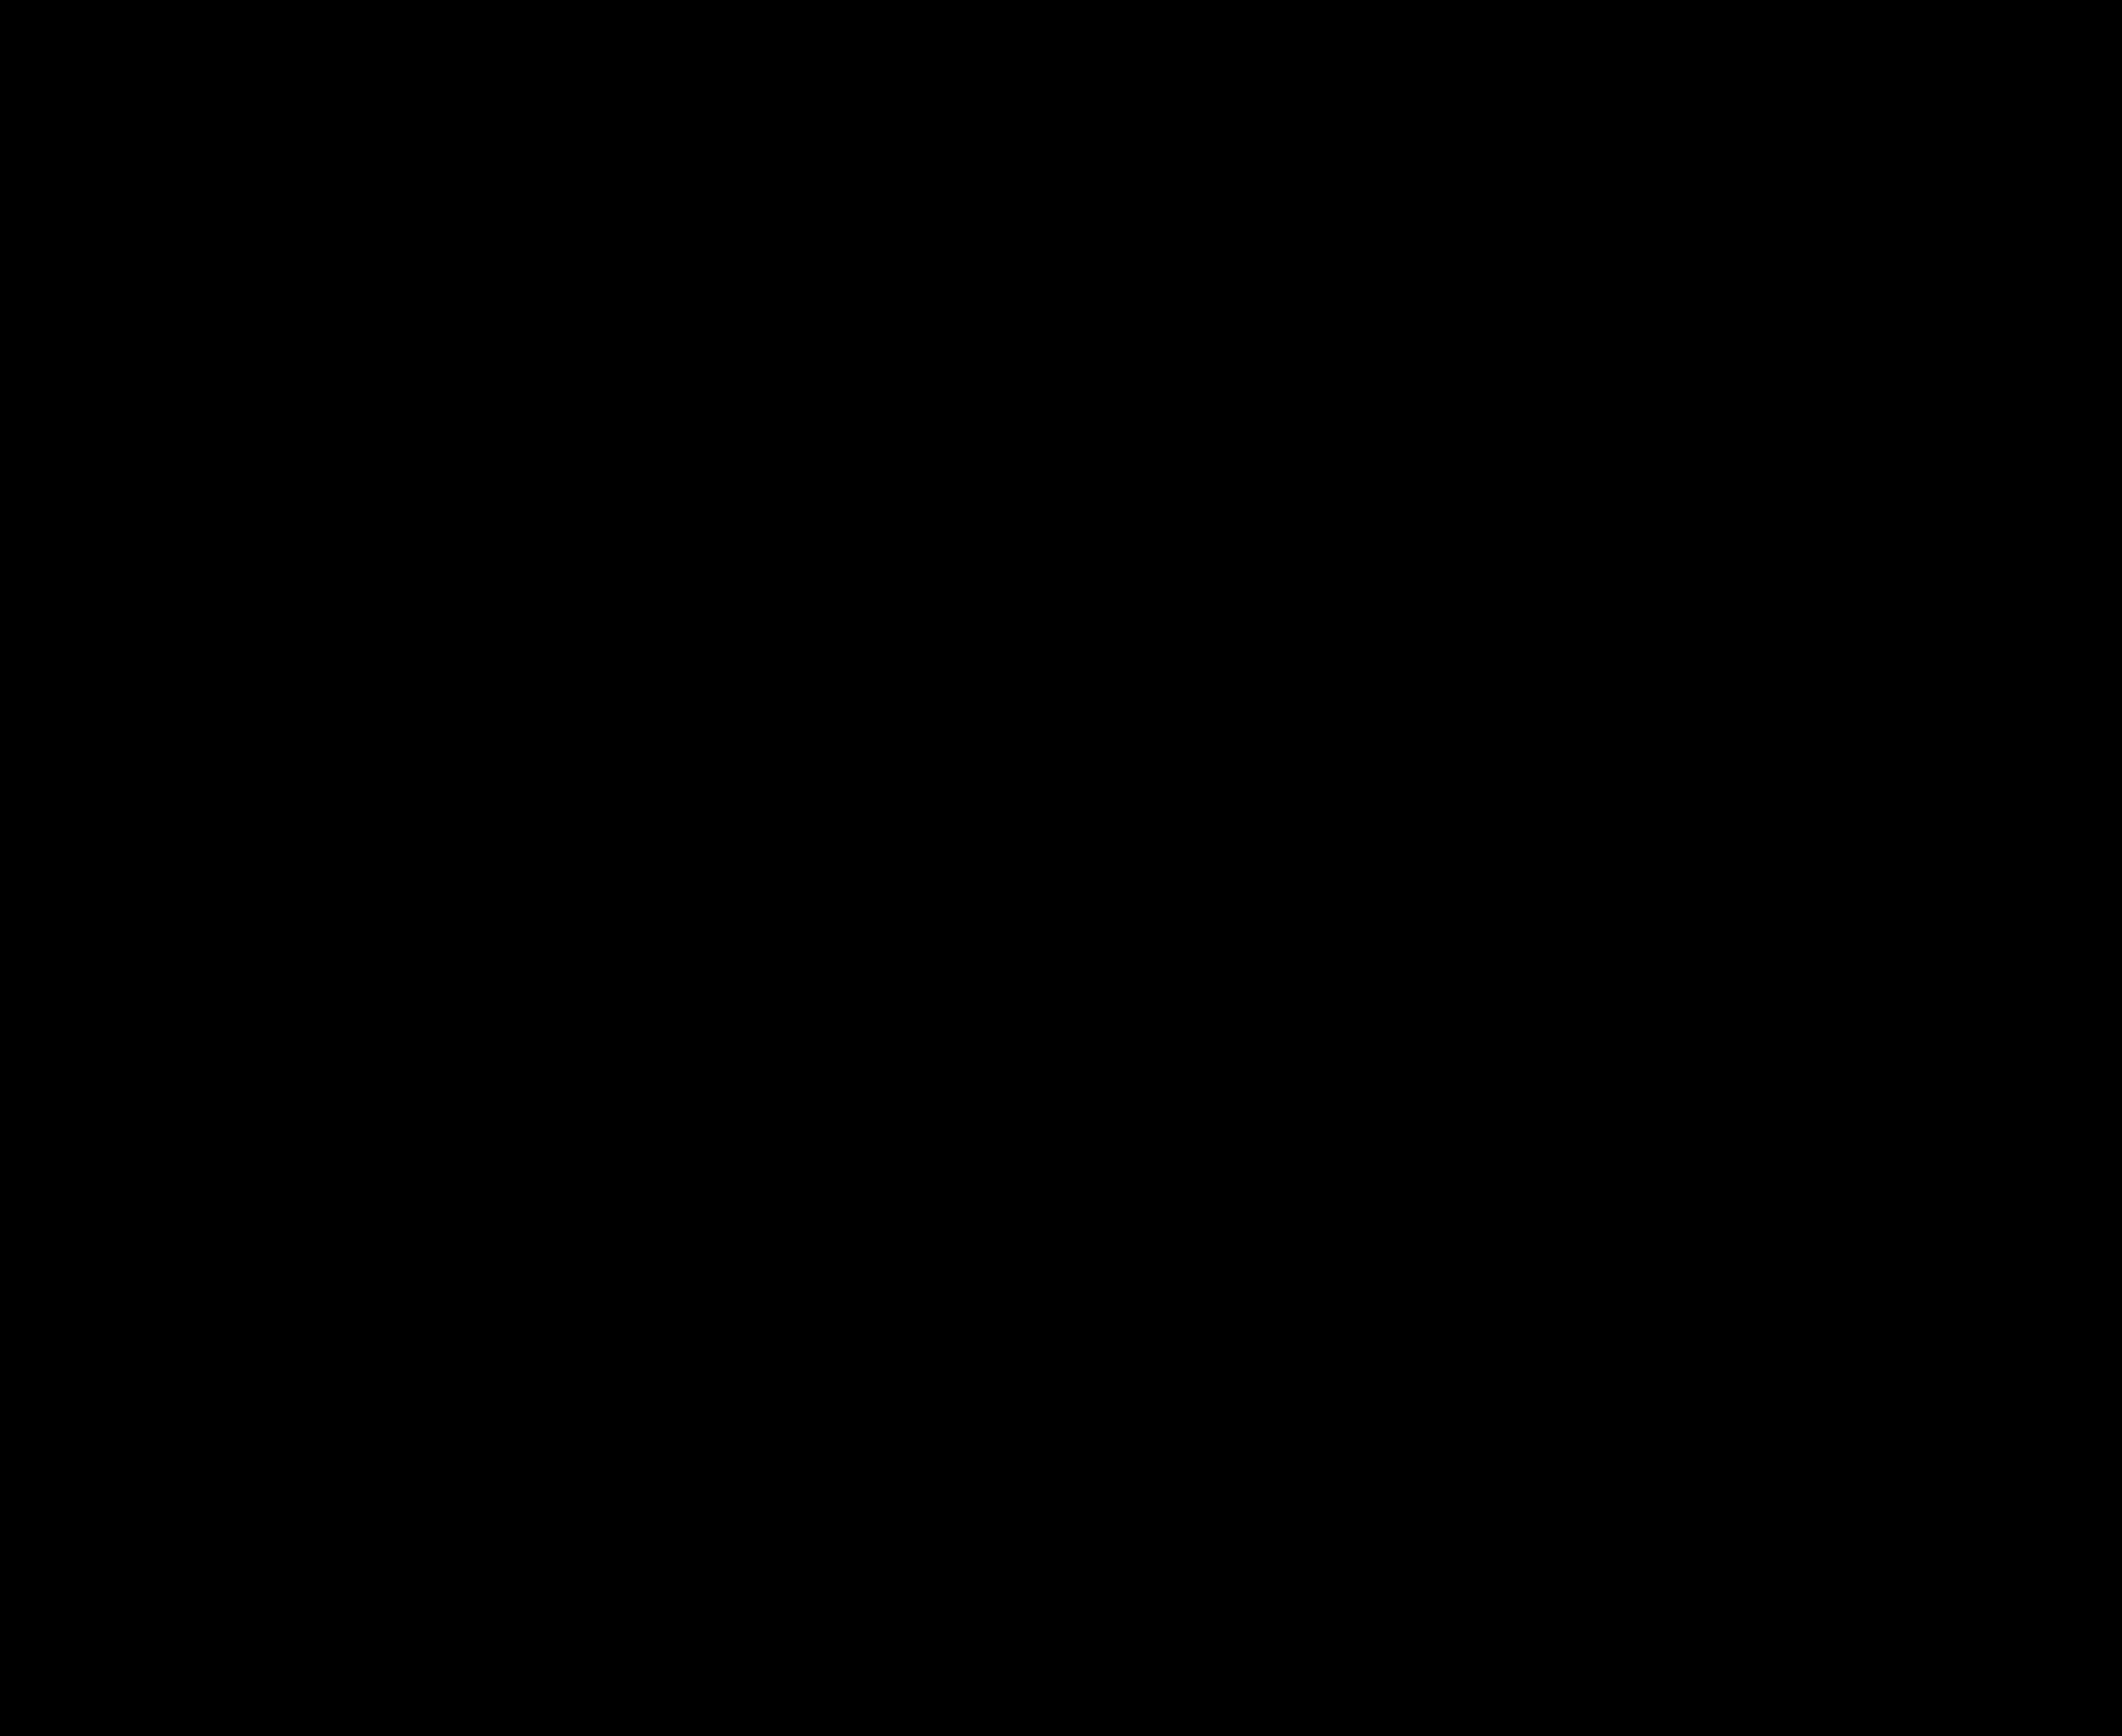 Transparent Filler Image